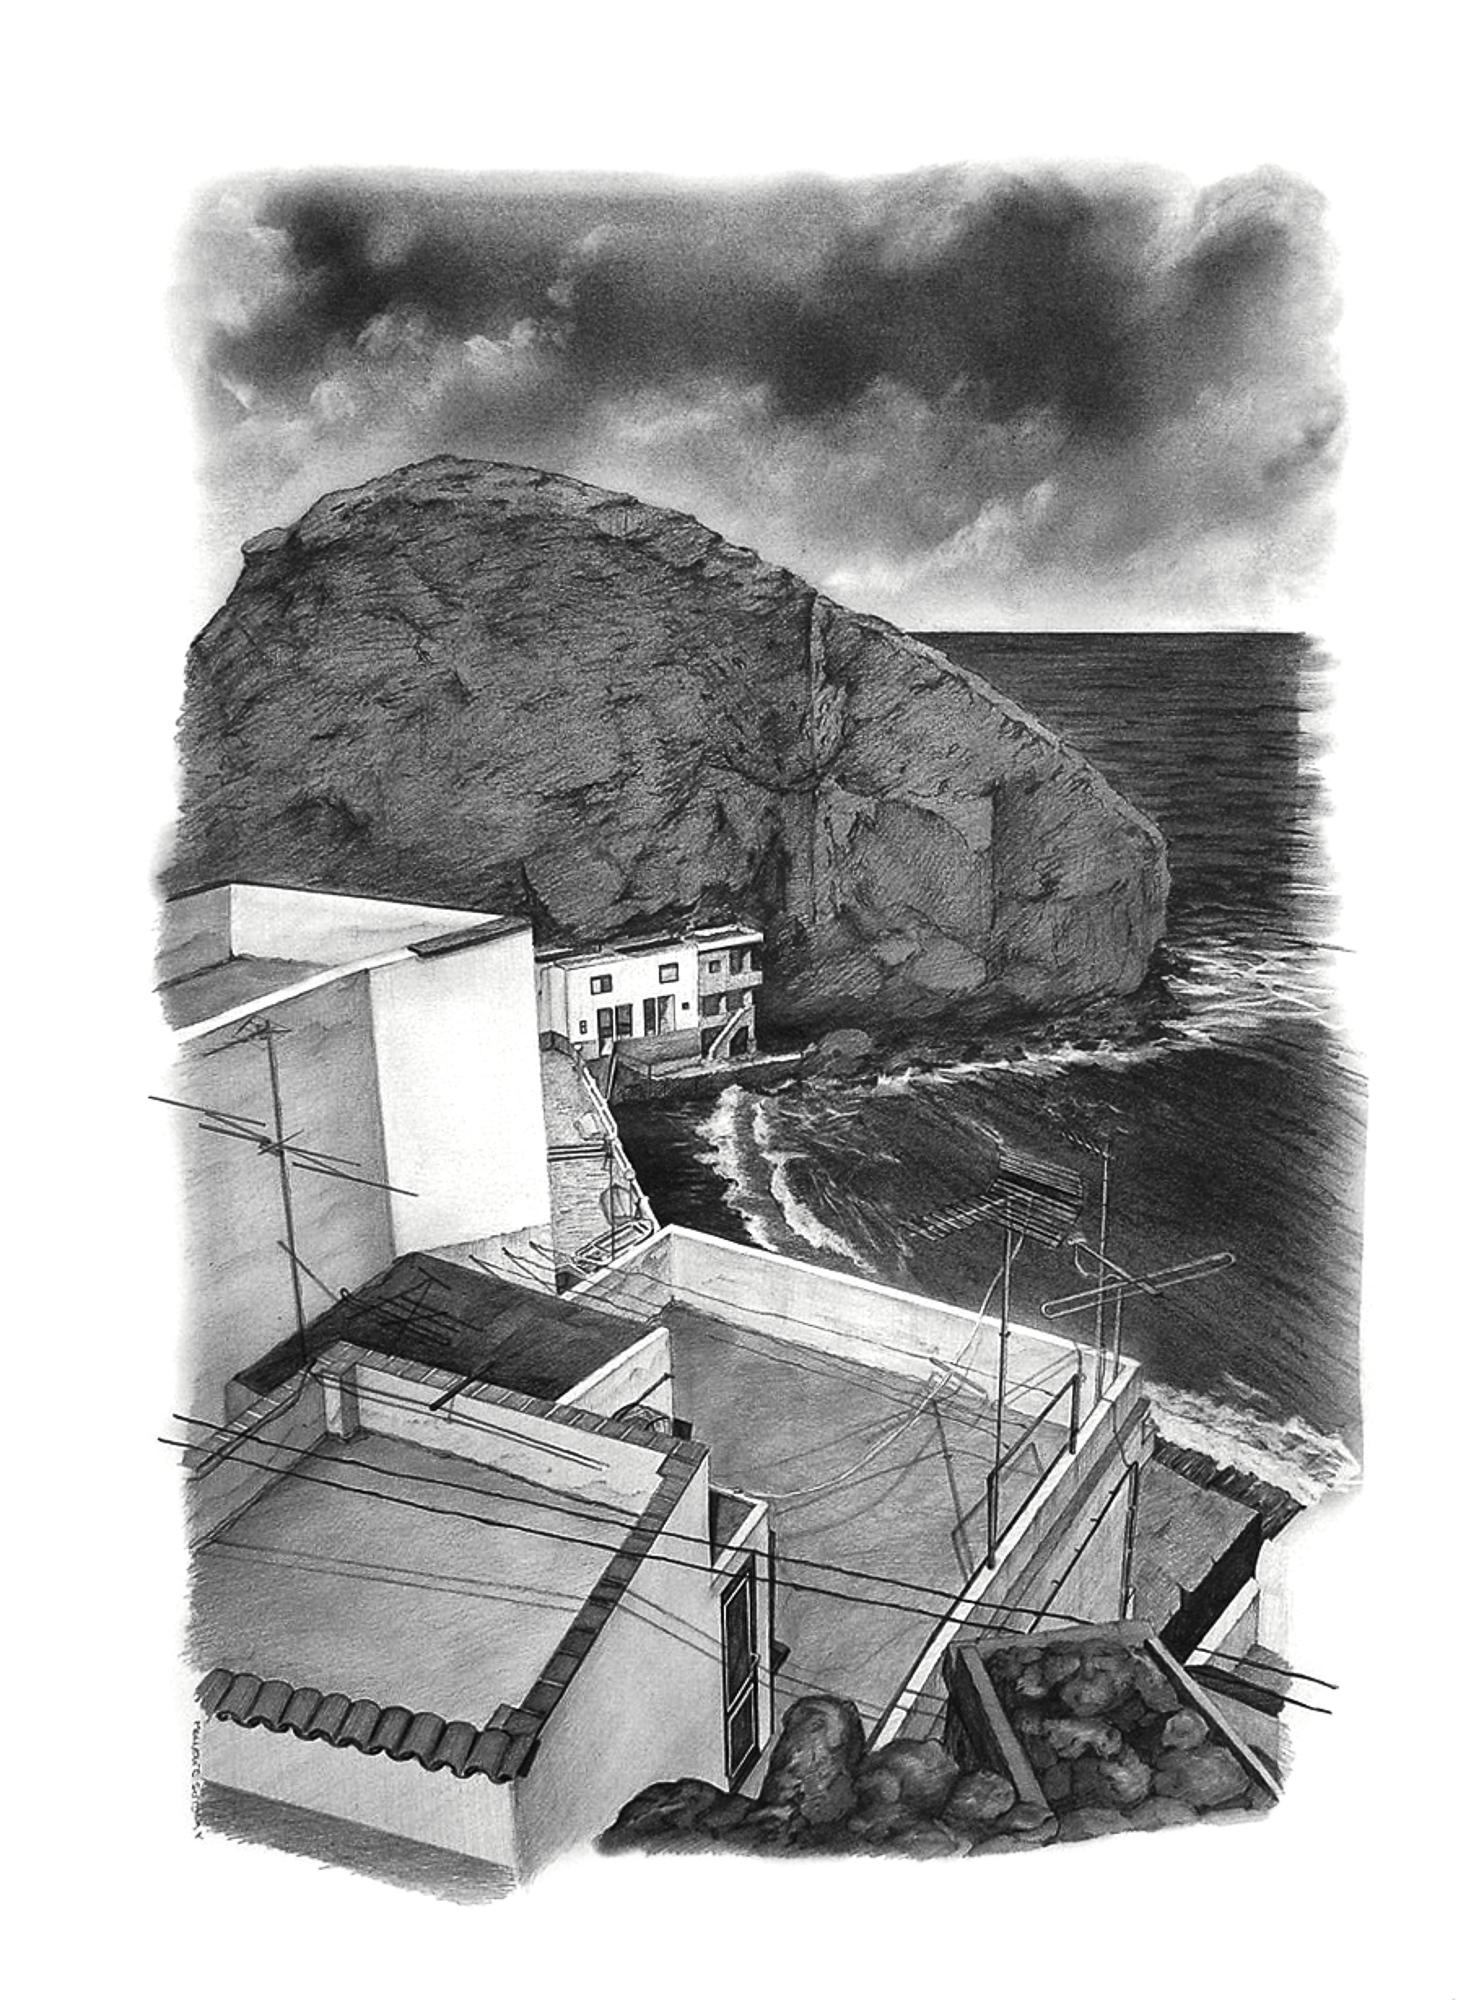 Magnolia Soto. Paisaje Canario 14. 1998. Grafito sobre papel. 50 x 37 cm.